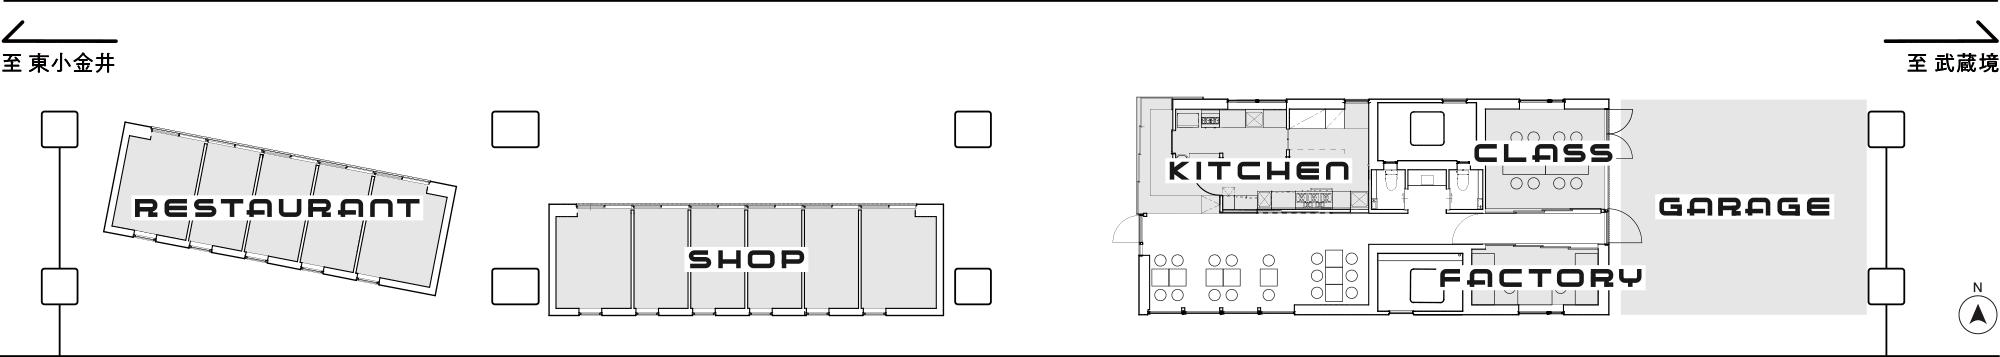 MA-TO(マート)施設マップ